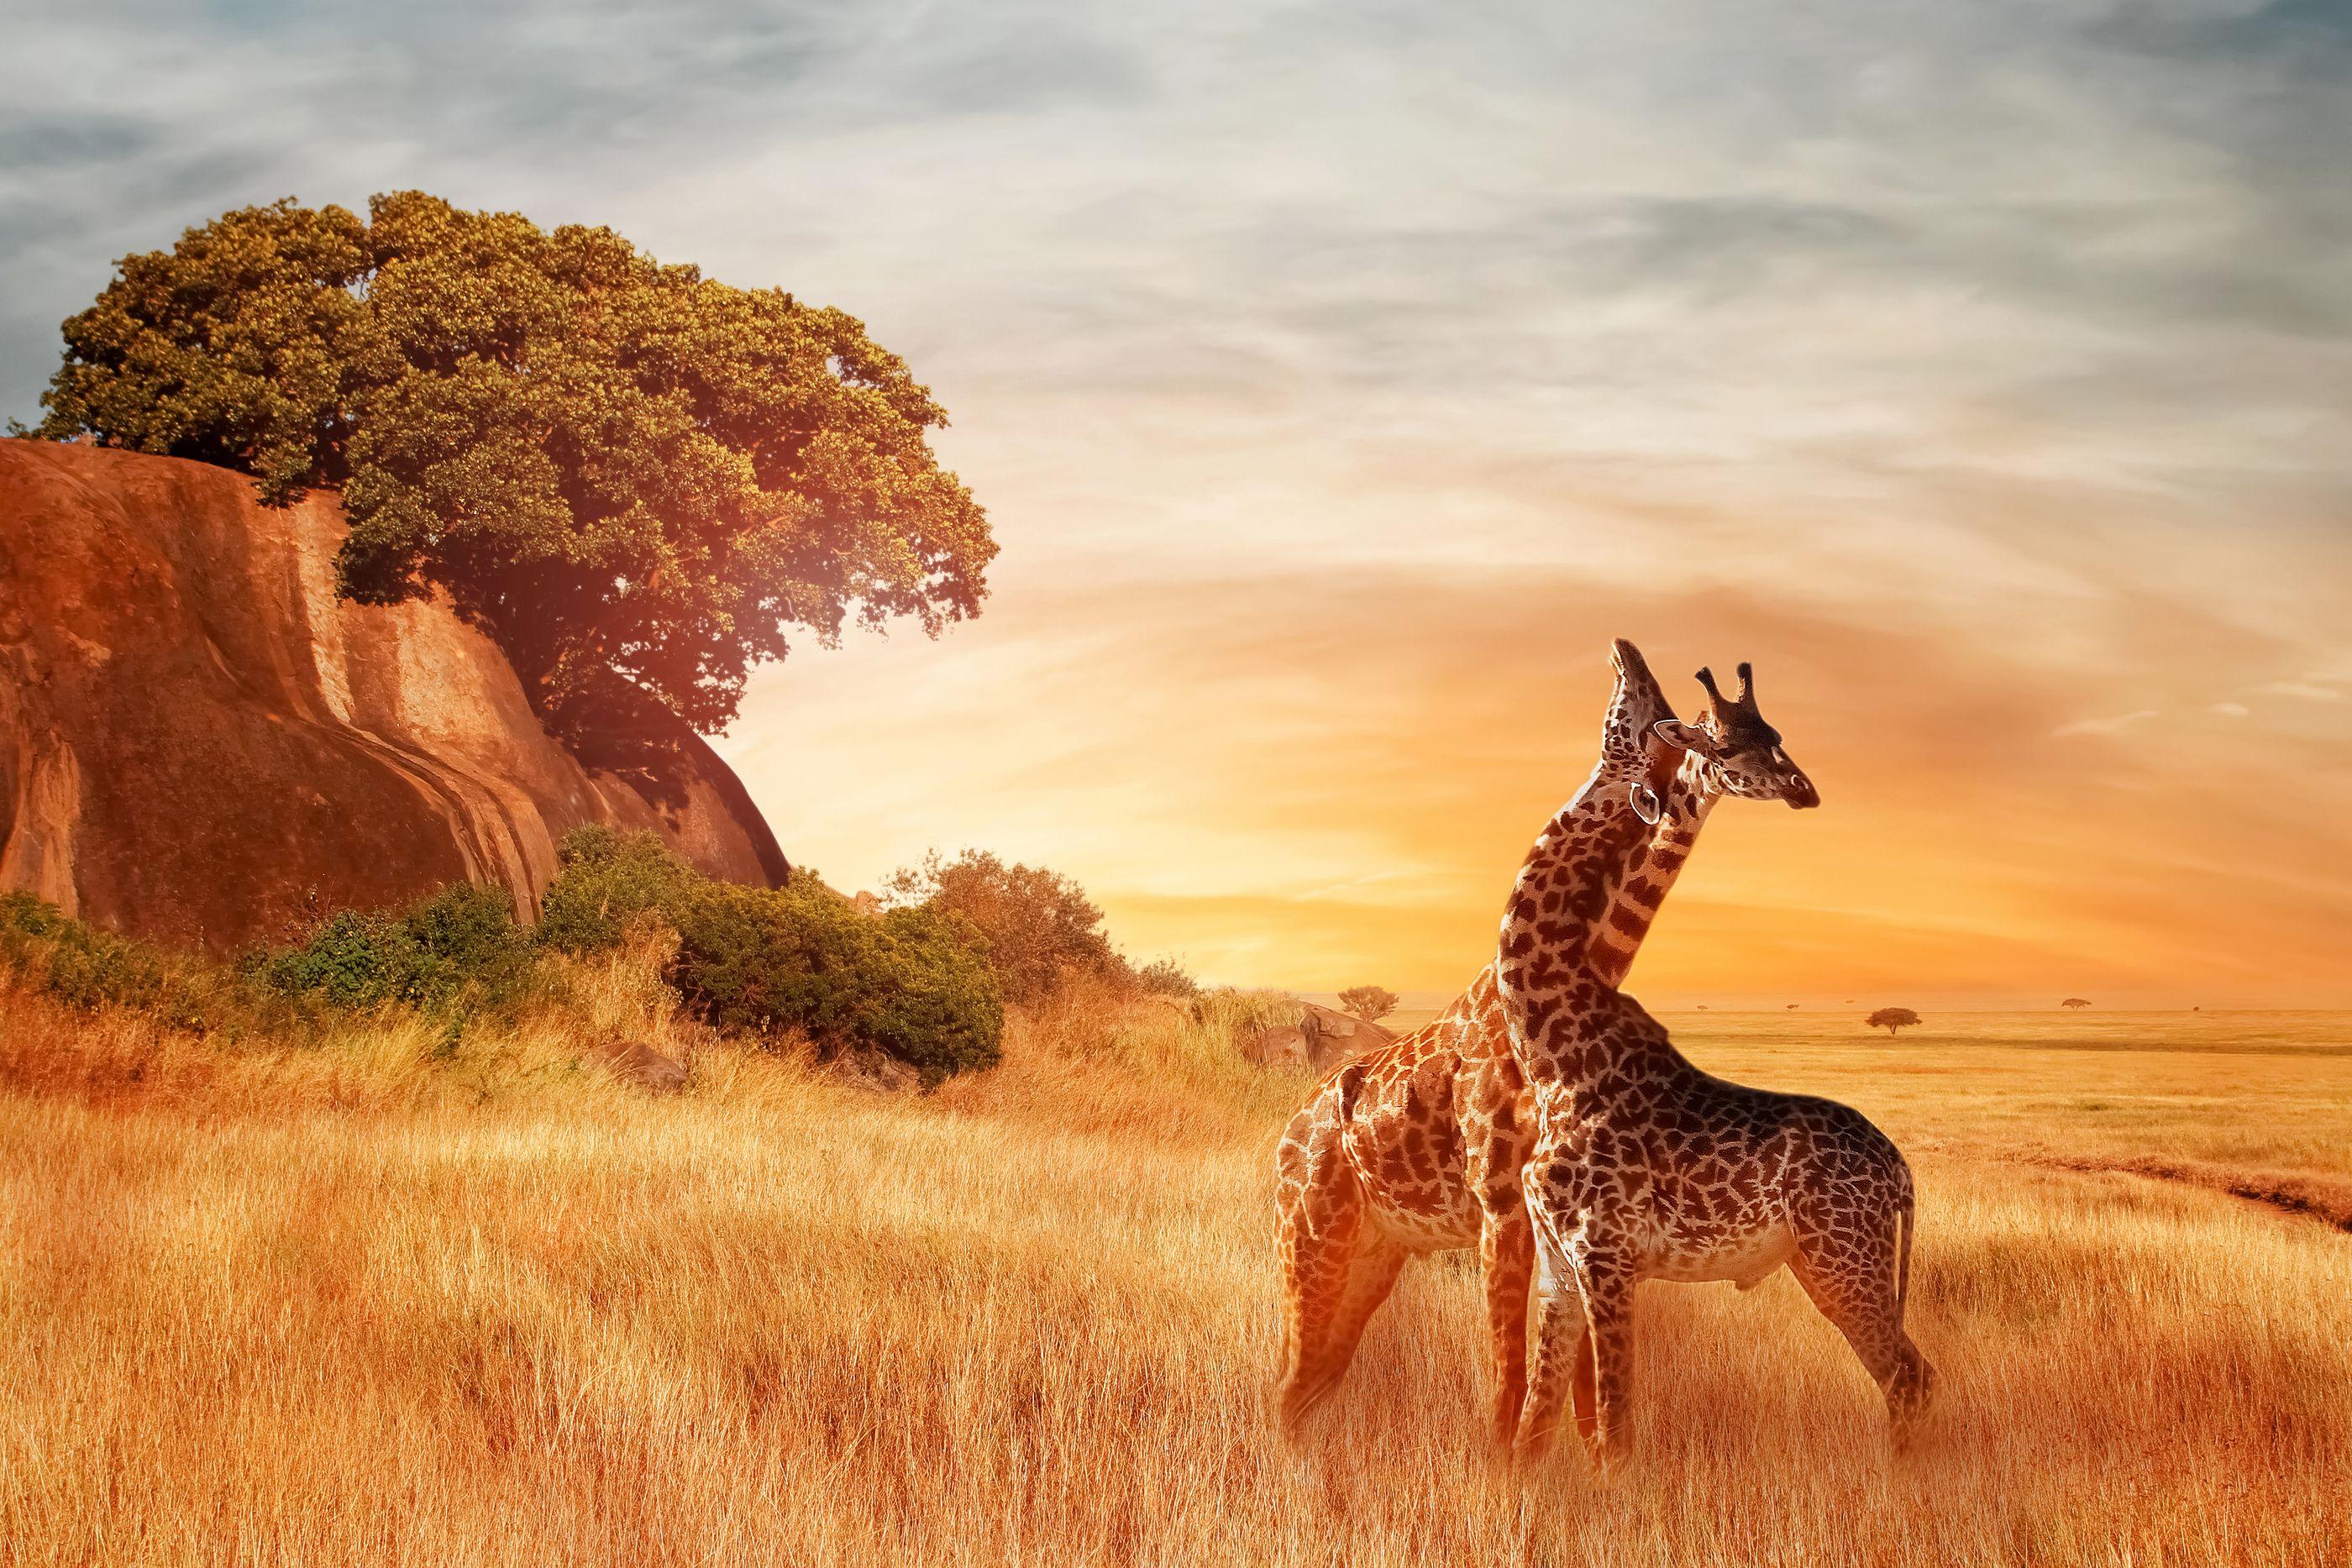 beautiful giraffes landscape sunset african travel